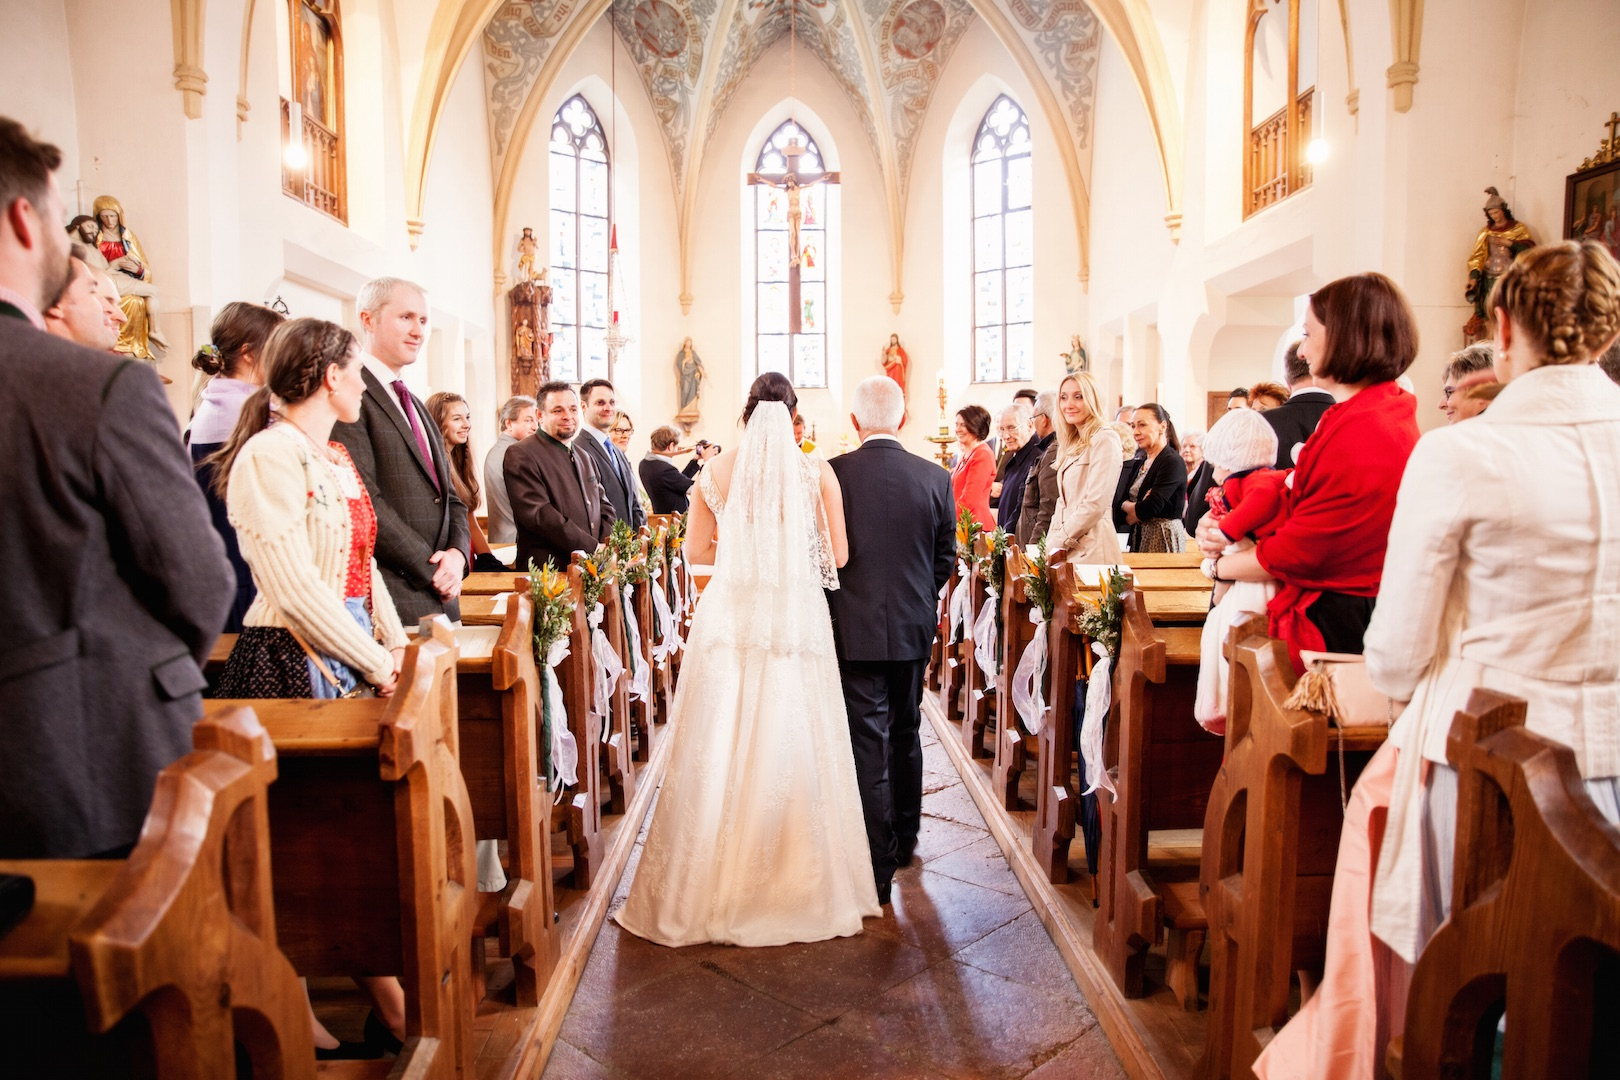 Loveflare Kirche Hochzeitsfoto